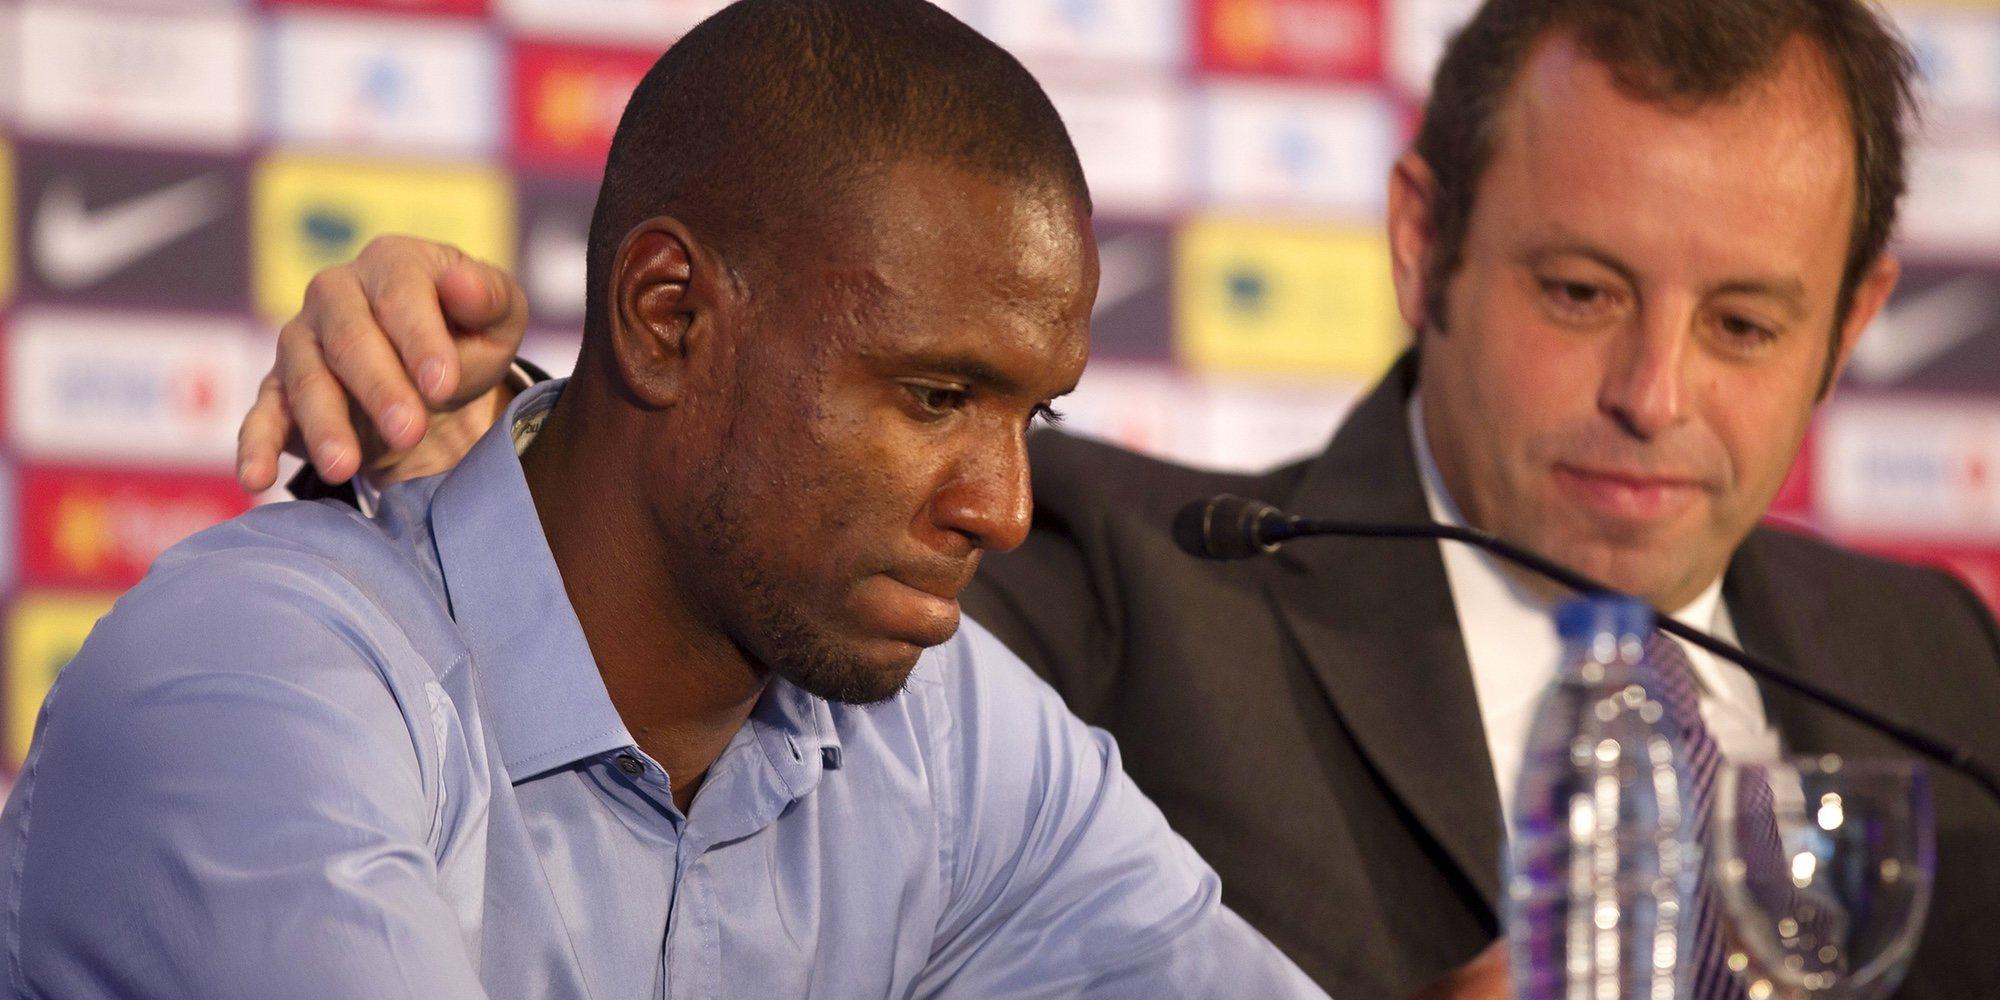 El Barça desmiente la compra ilegal de un hígado para Éric Abidal